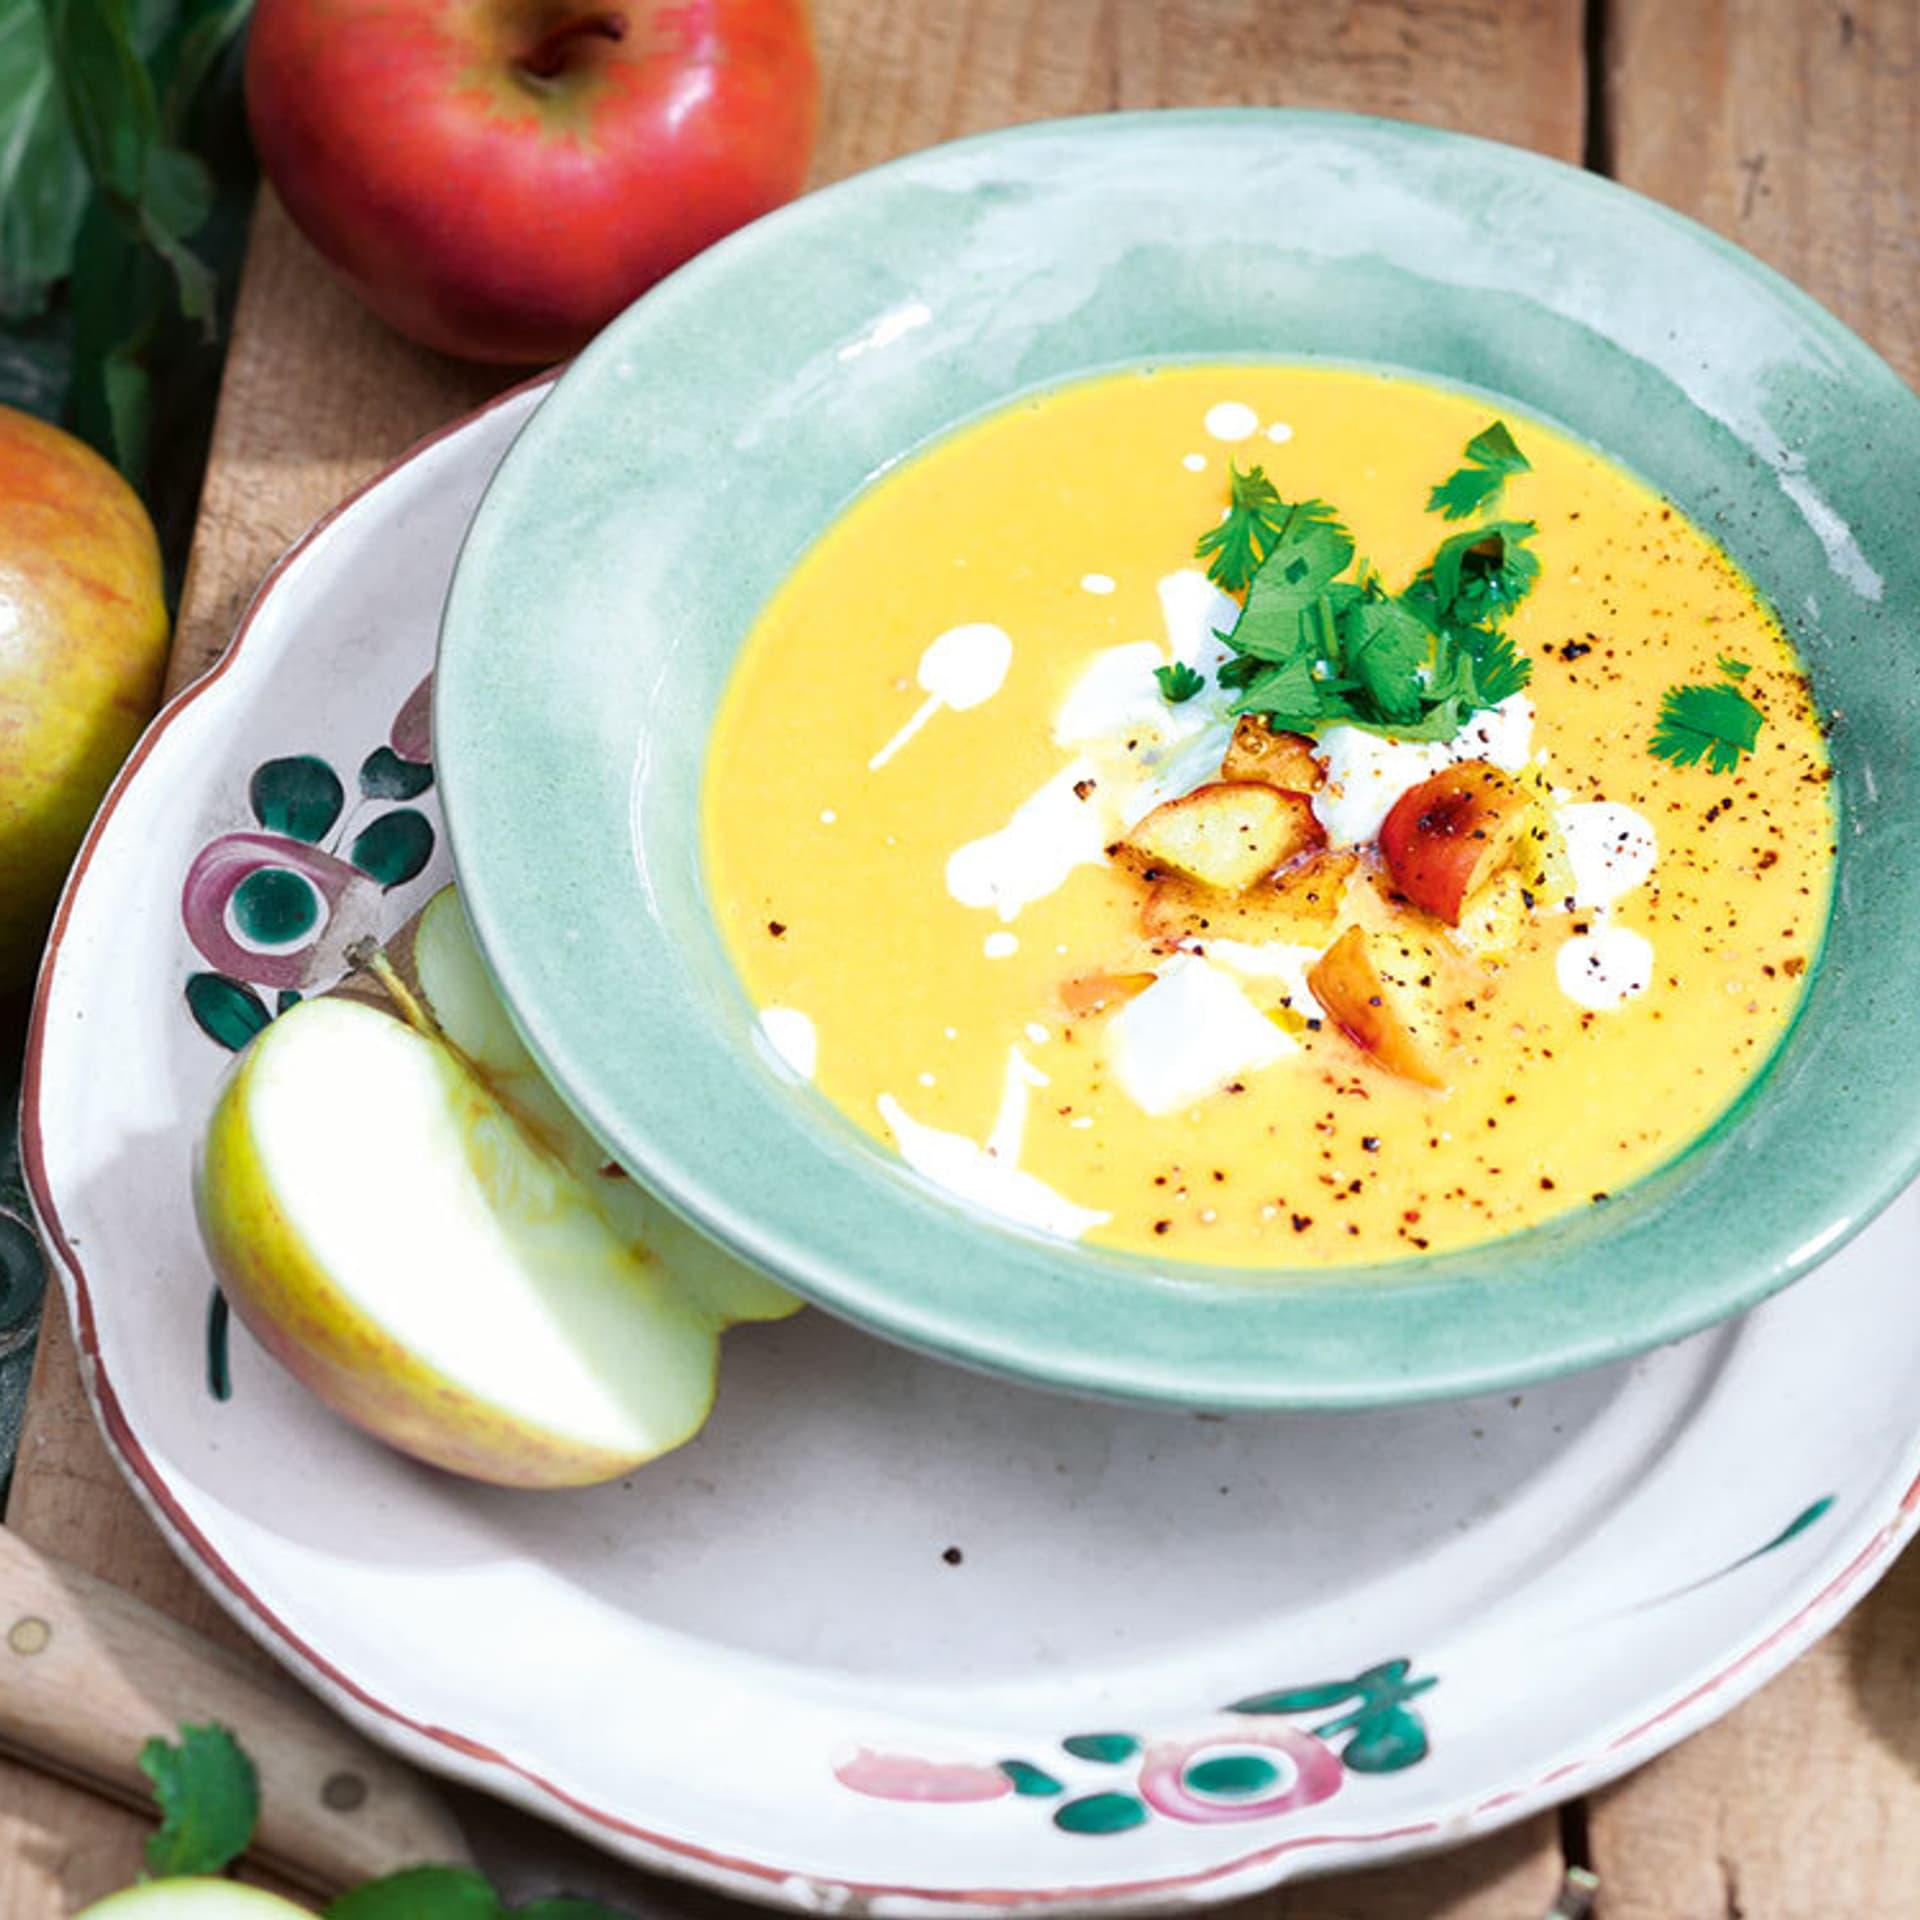 Suesskartoffel apfel suppe